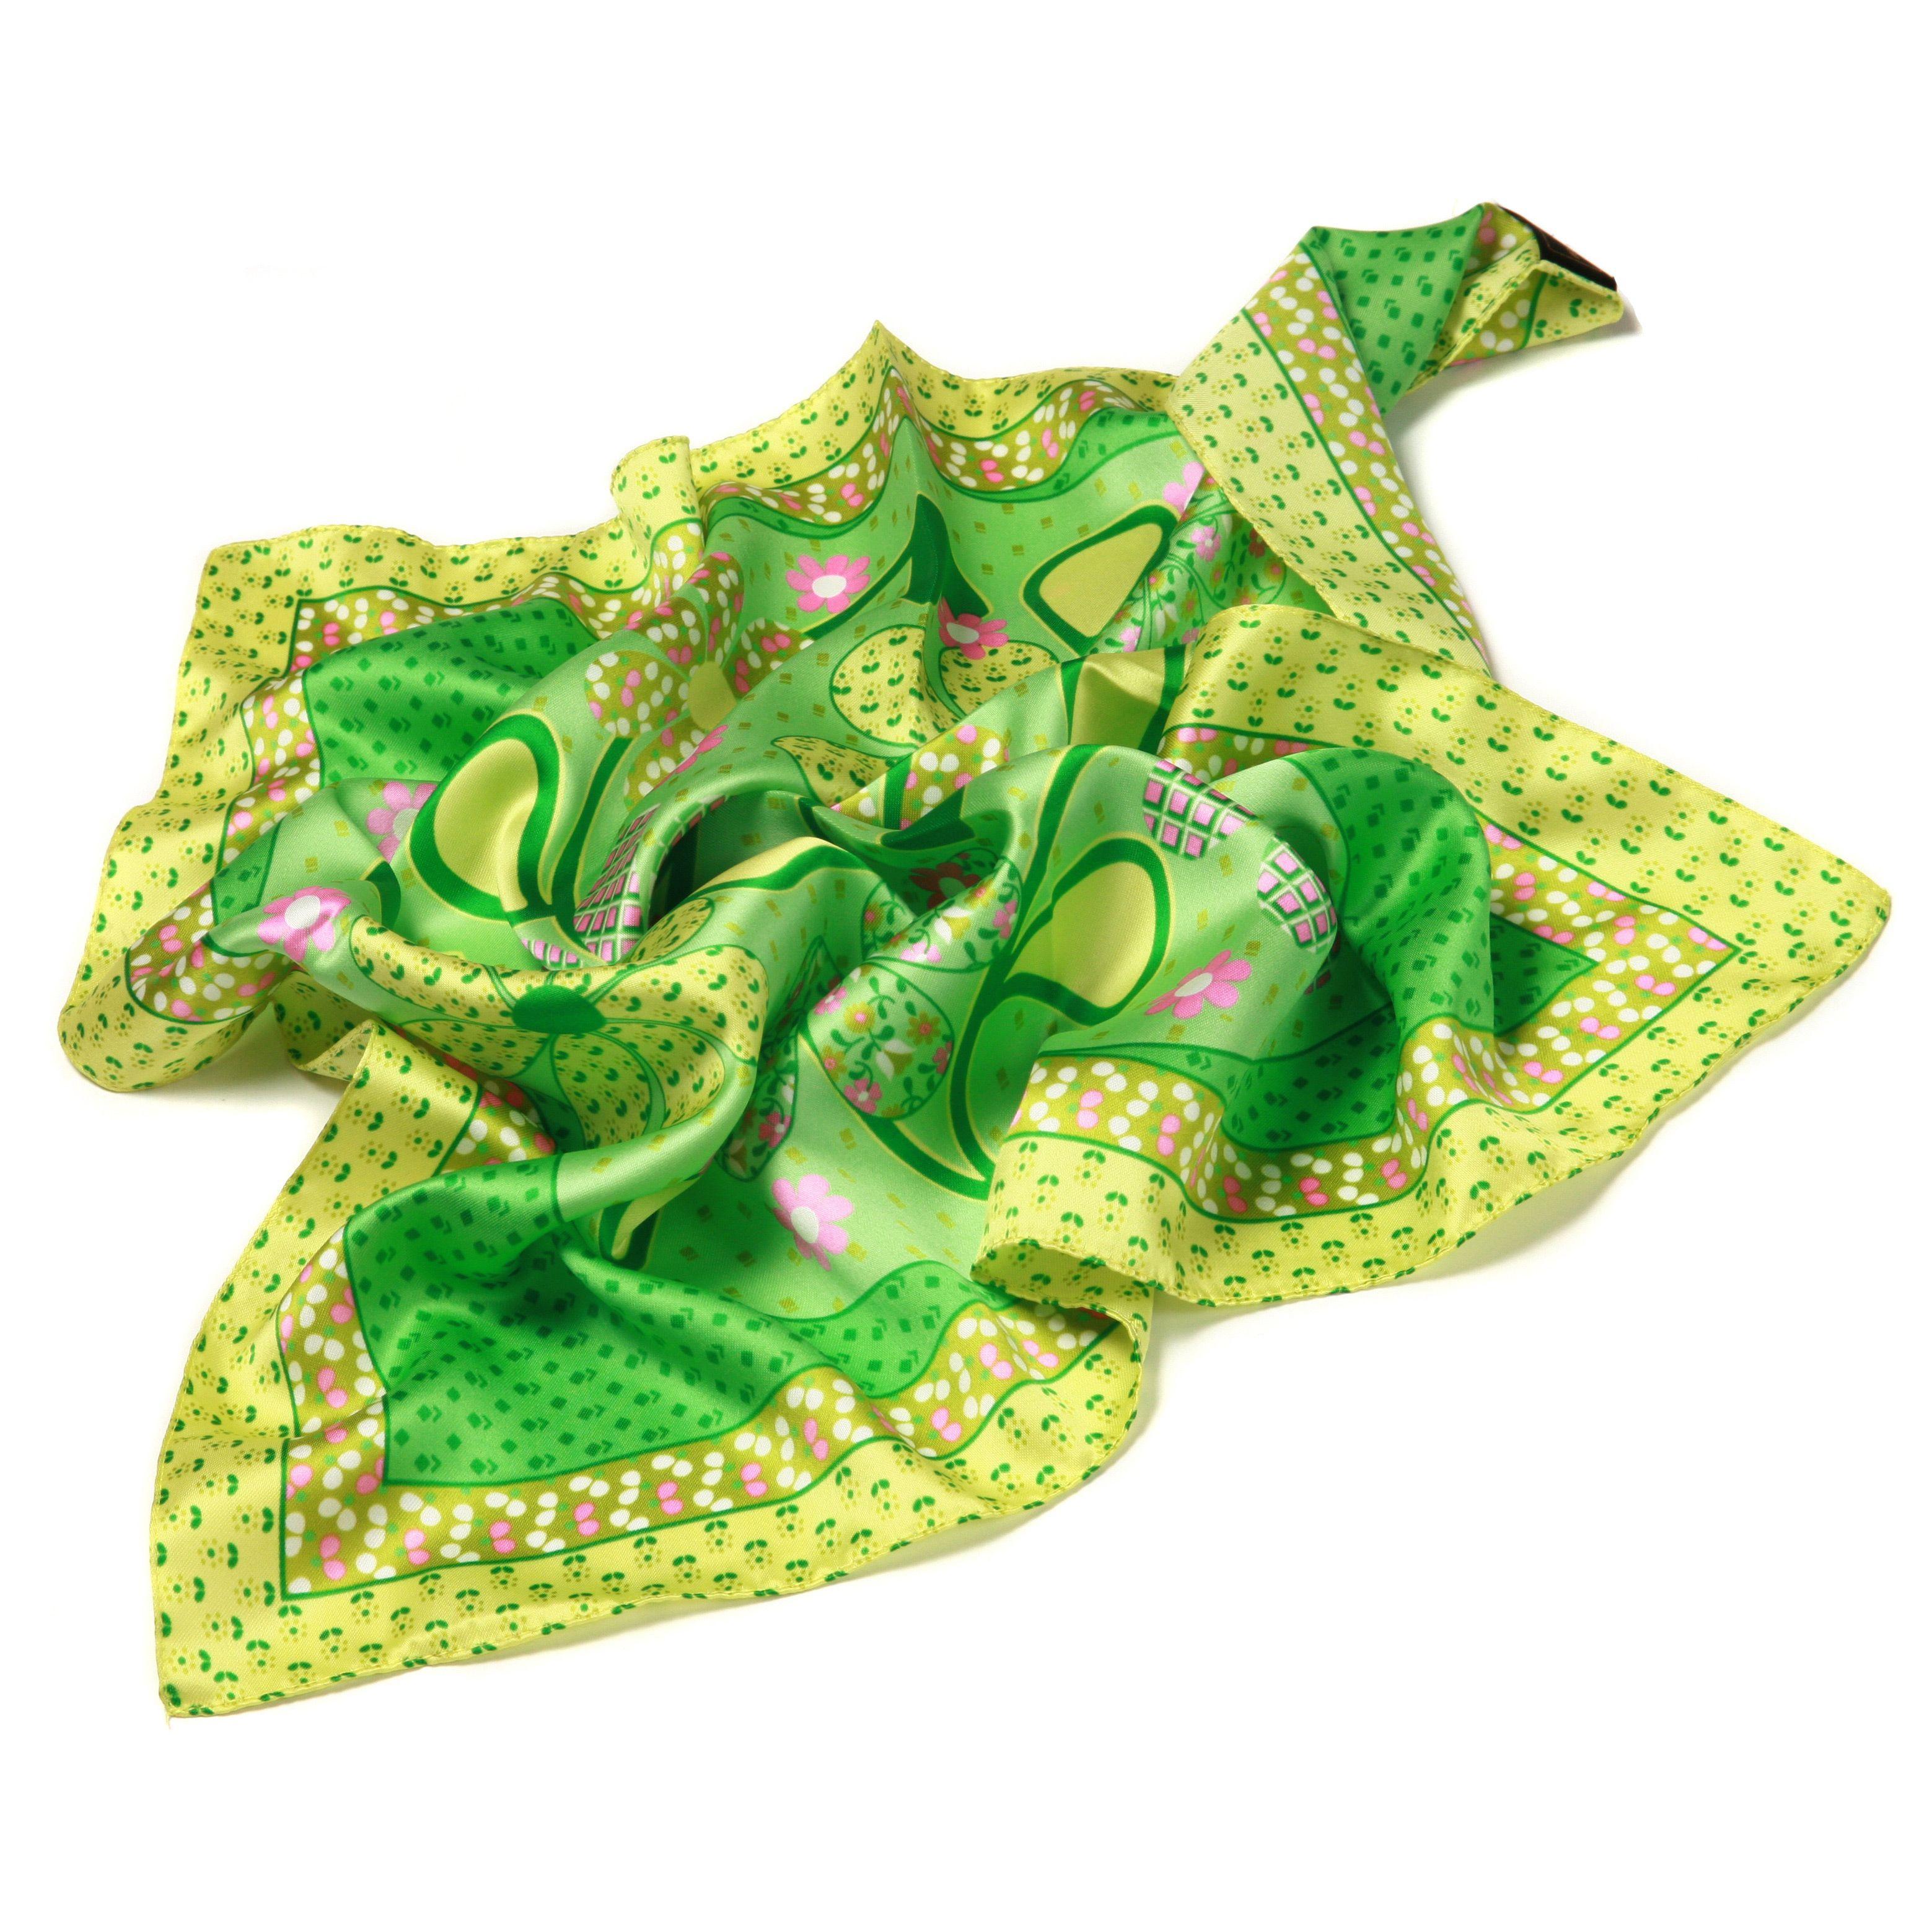 Шейный платок Fattorseta Солнечные цветы в теплых оттенках зеленого